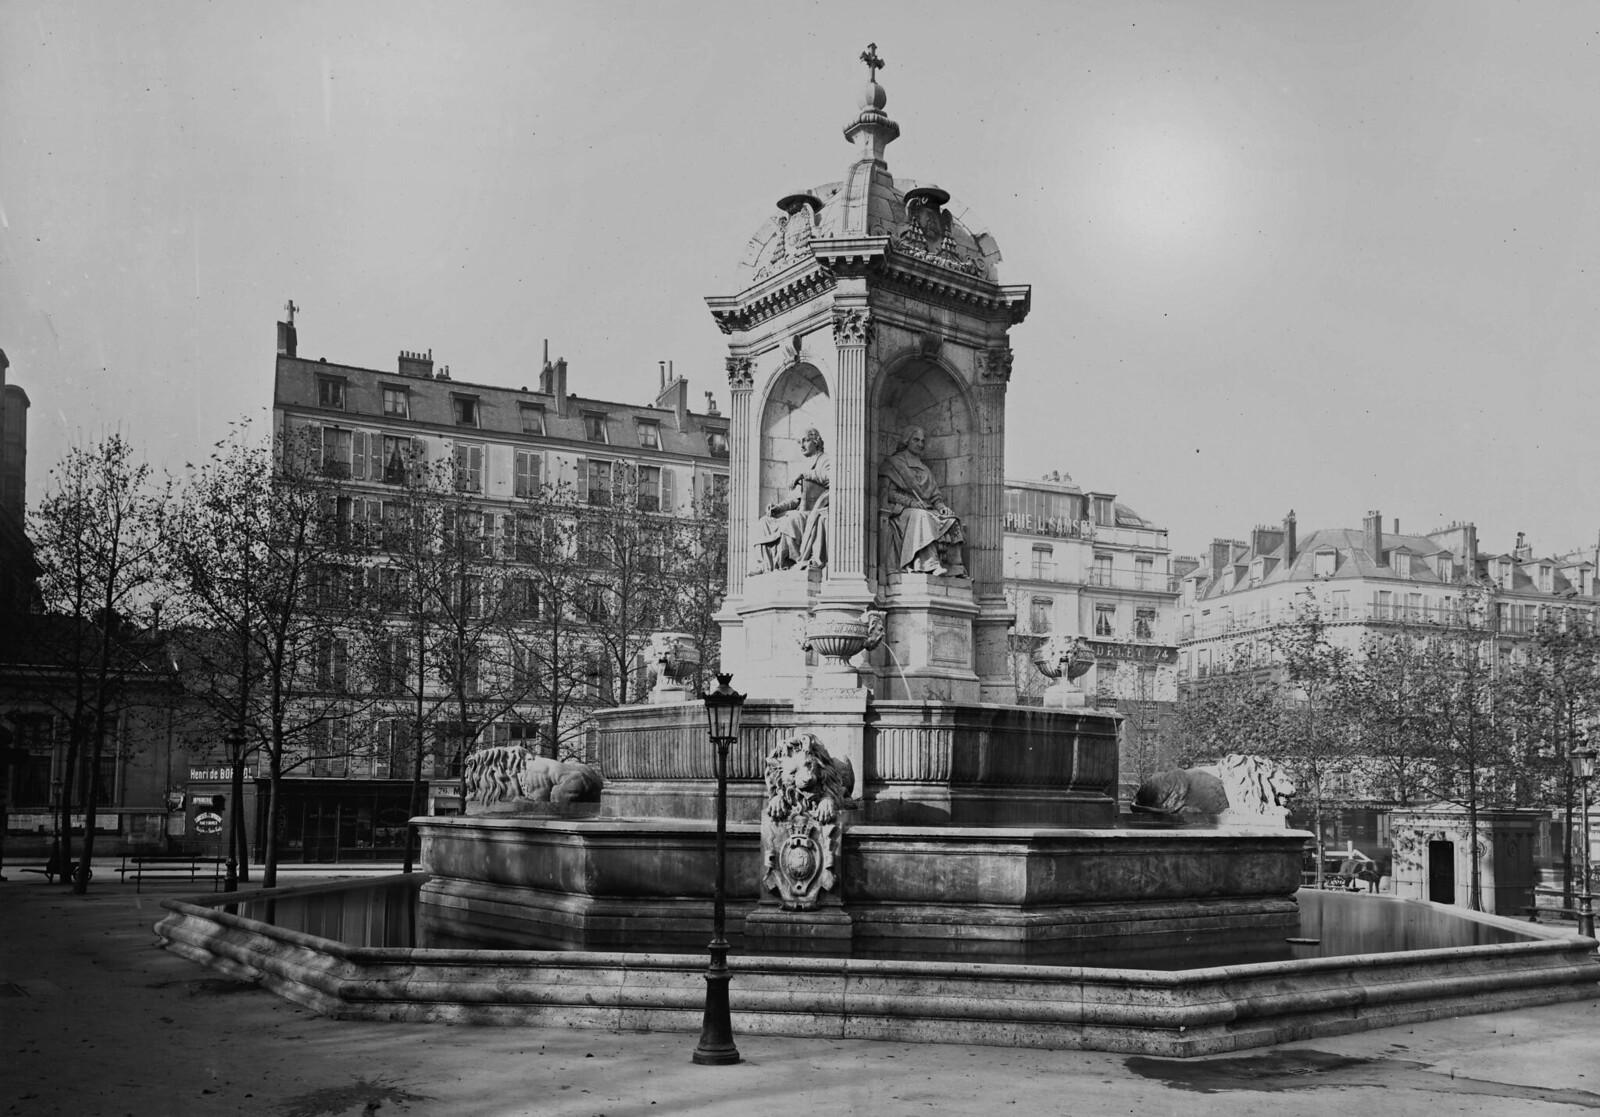 1870. Париж (VI округ). Фонтан Сен-Сюльпис